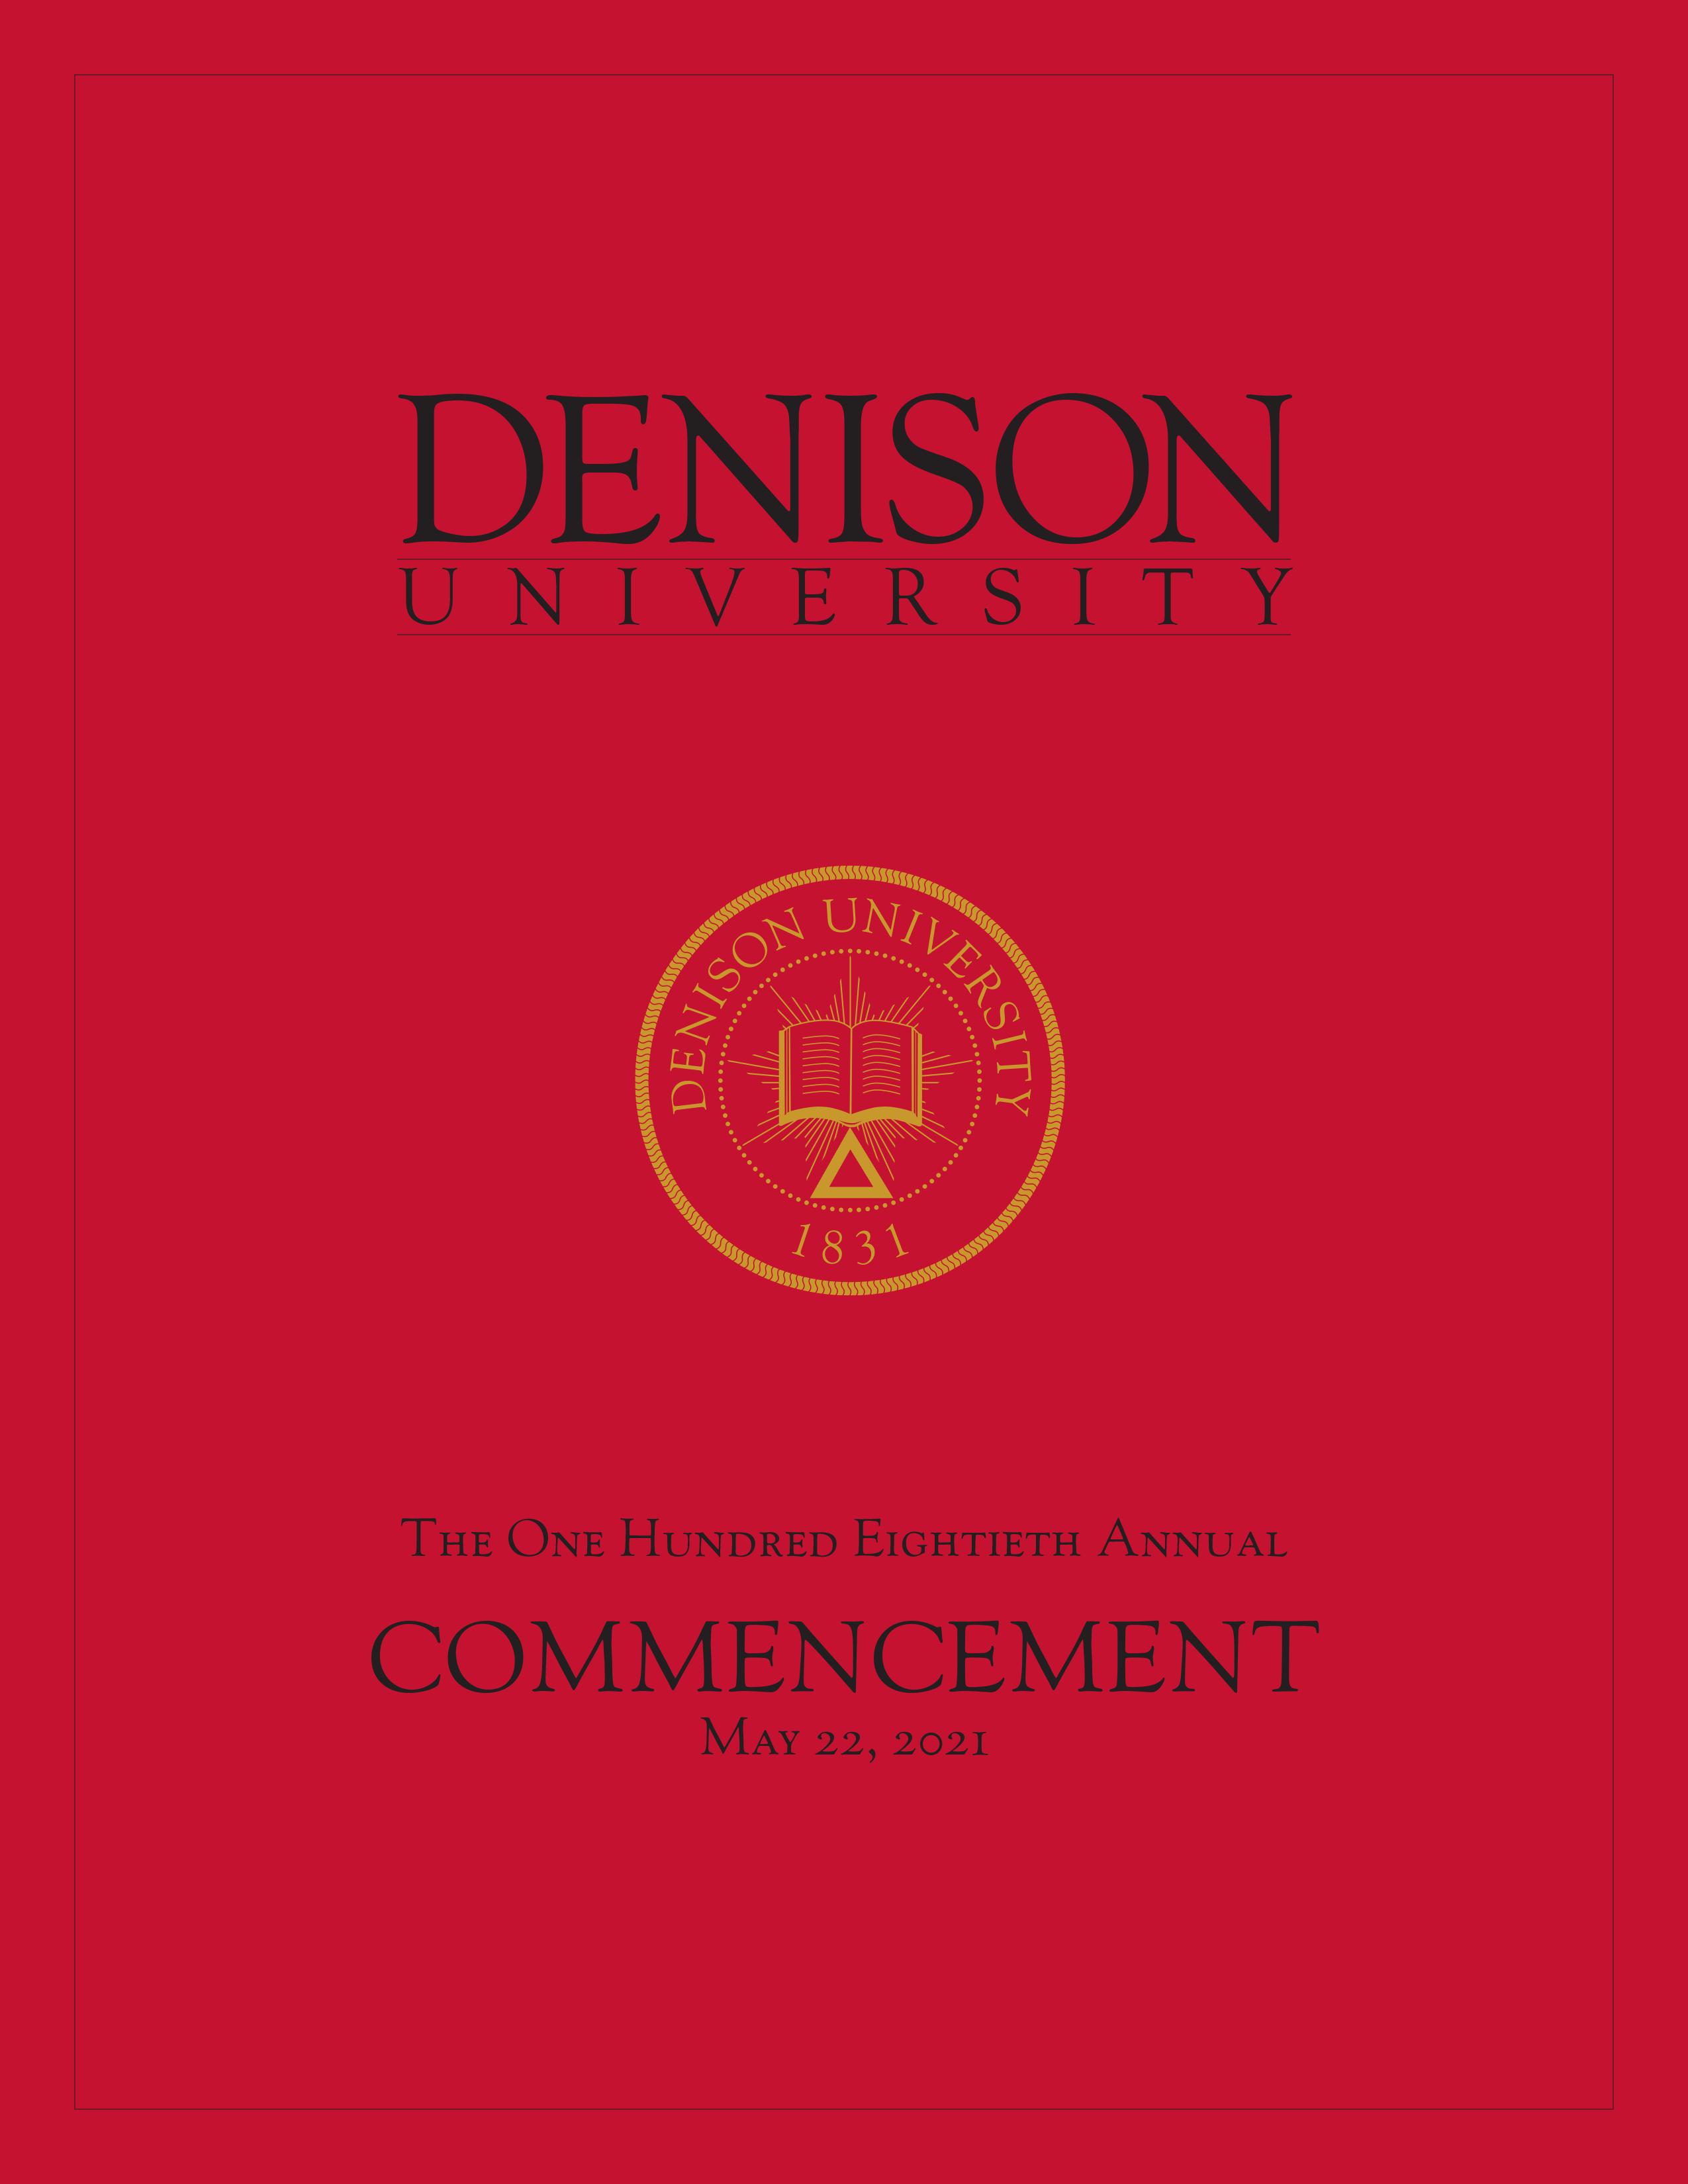 2021 Commencement Program